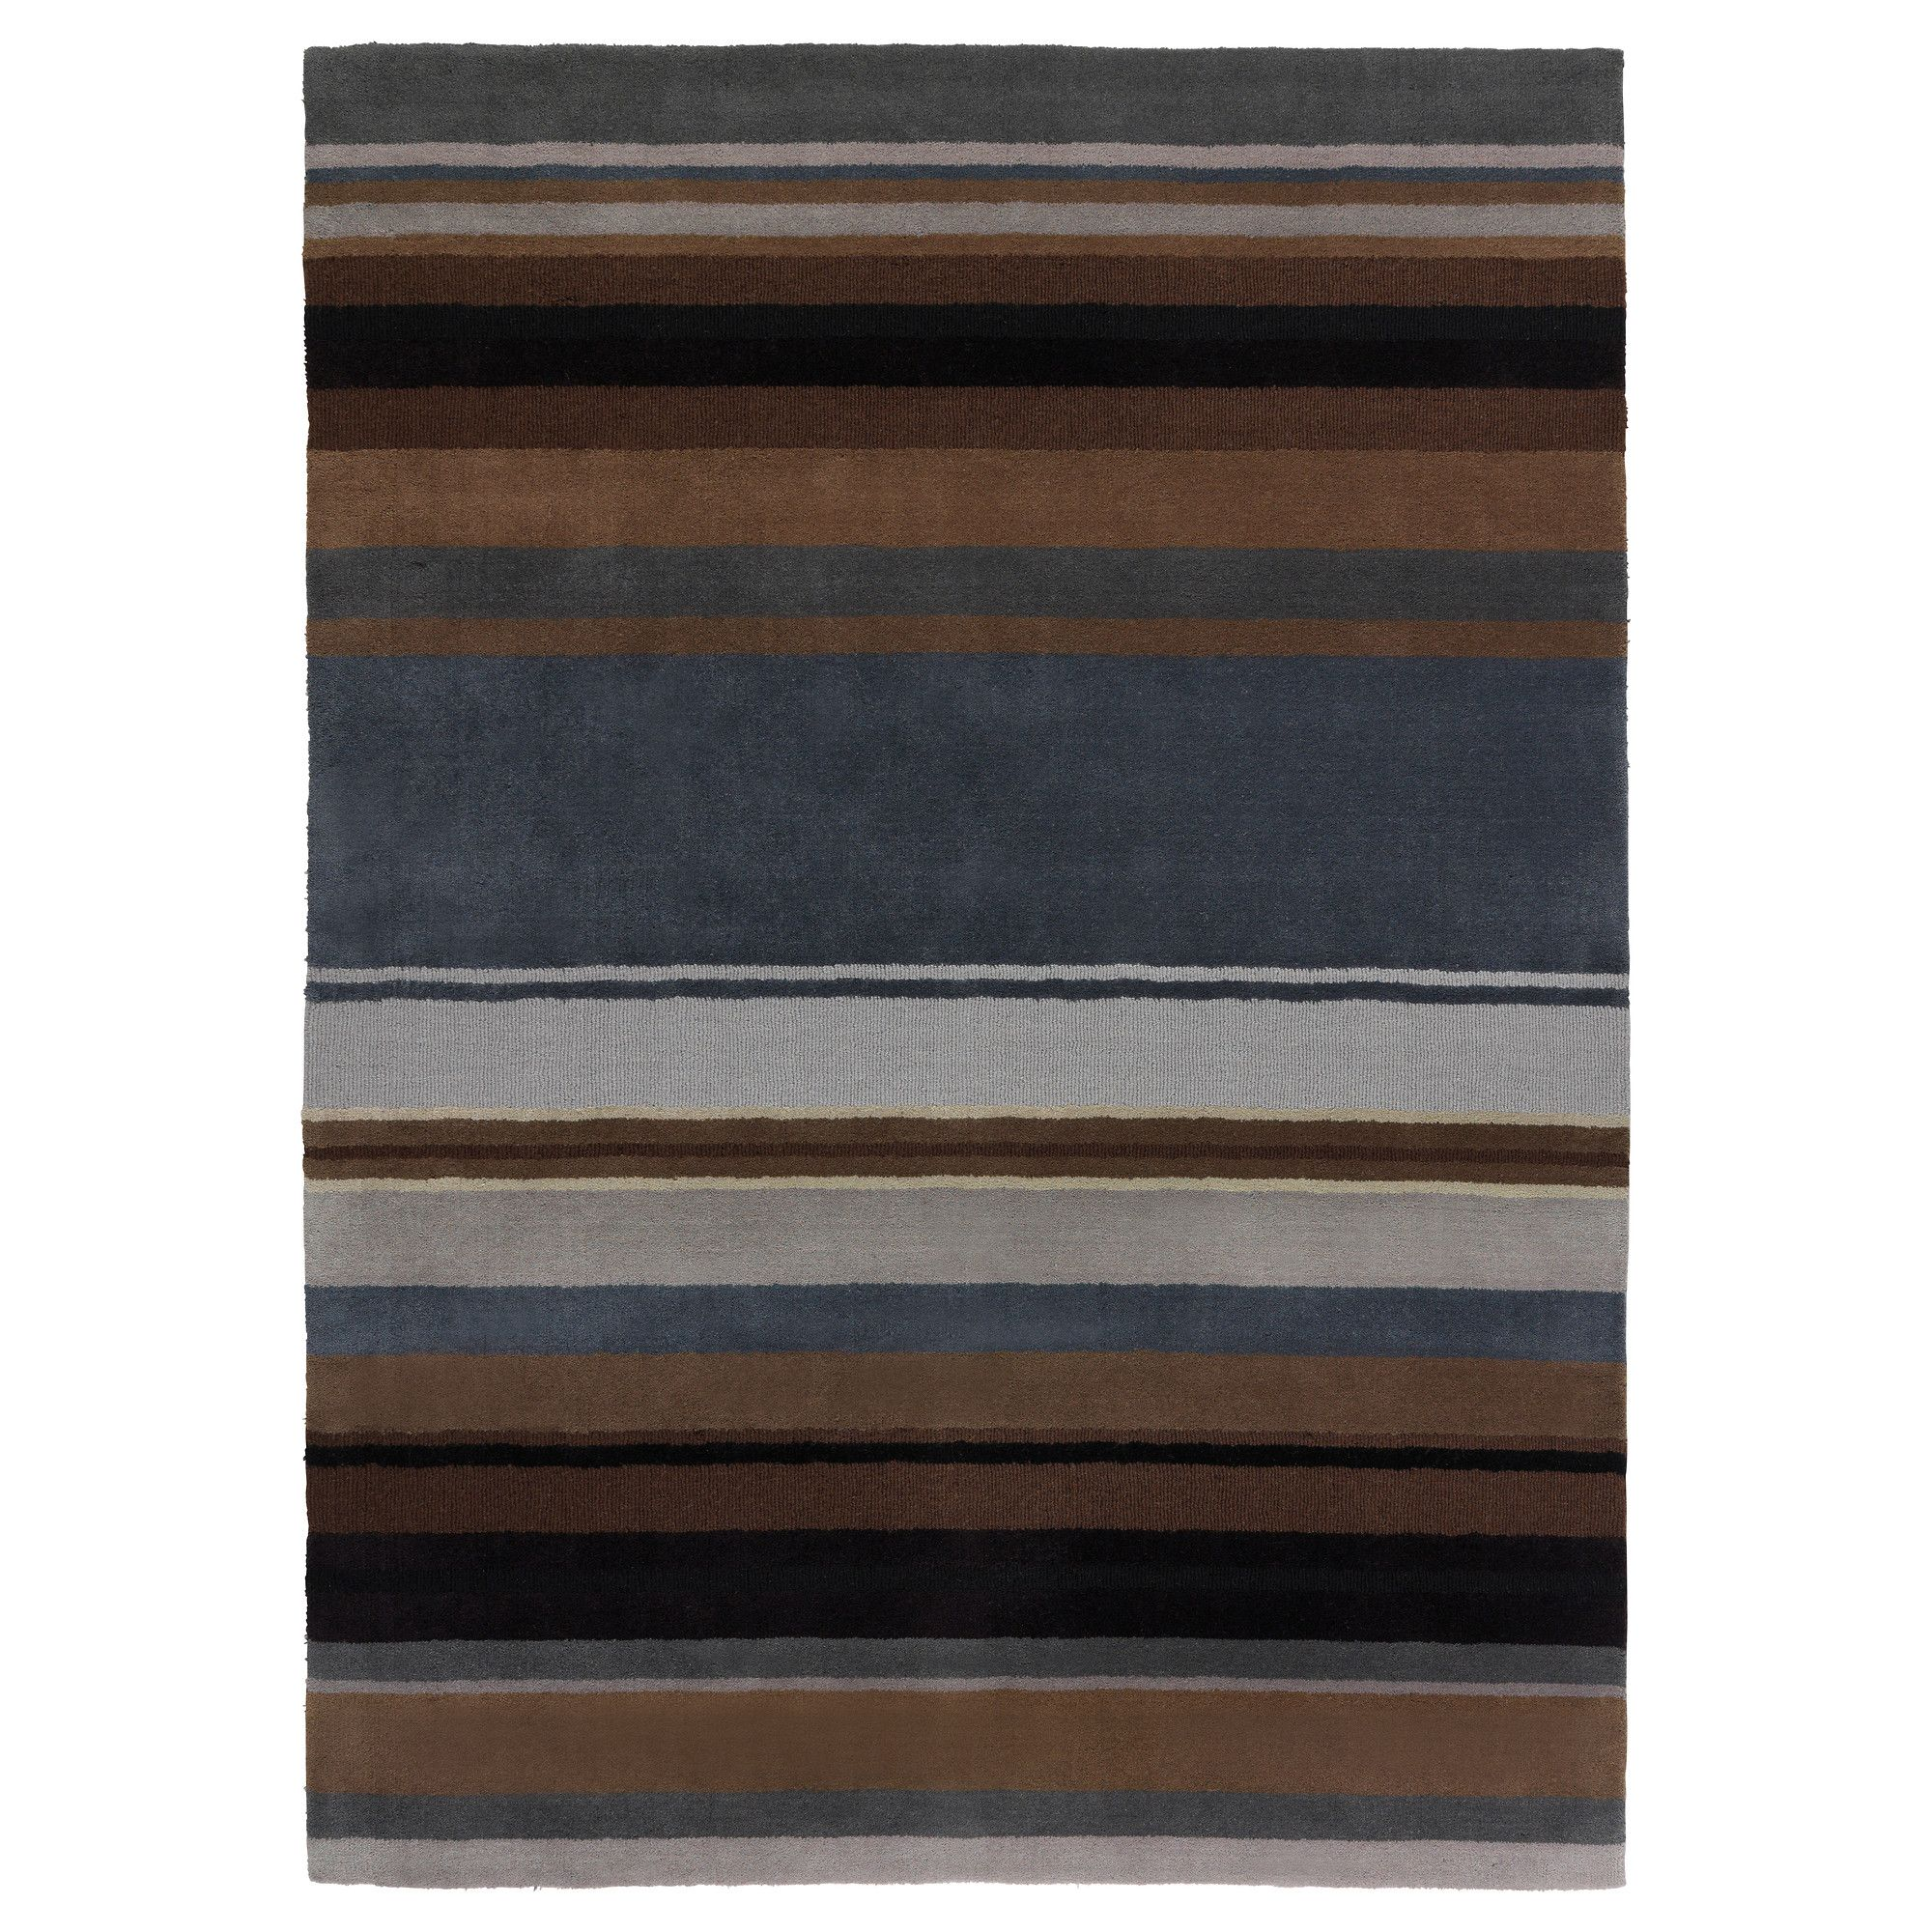 IKEA - STOCKHOLM, Tappeto, pelo corto, 170x240 cm, , Ogni tappeto è unico poiché è fatto a mano da artigiani esperti ed è prodotto in India, in centri di tessitura organizzati, dove le condizioni di lavoro sono buone e i salari equi.Poiché è in pura lana vergine, il tappeto respinge naturalmente lo sporco ed è molto resistente.Il pelo fitto e spesso attutisce i suoni e offre una superficie morbida su cui camminare.